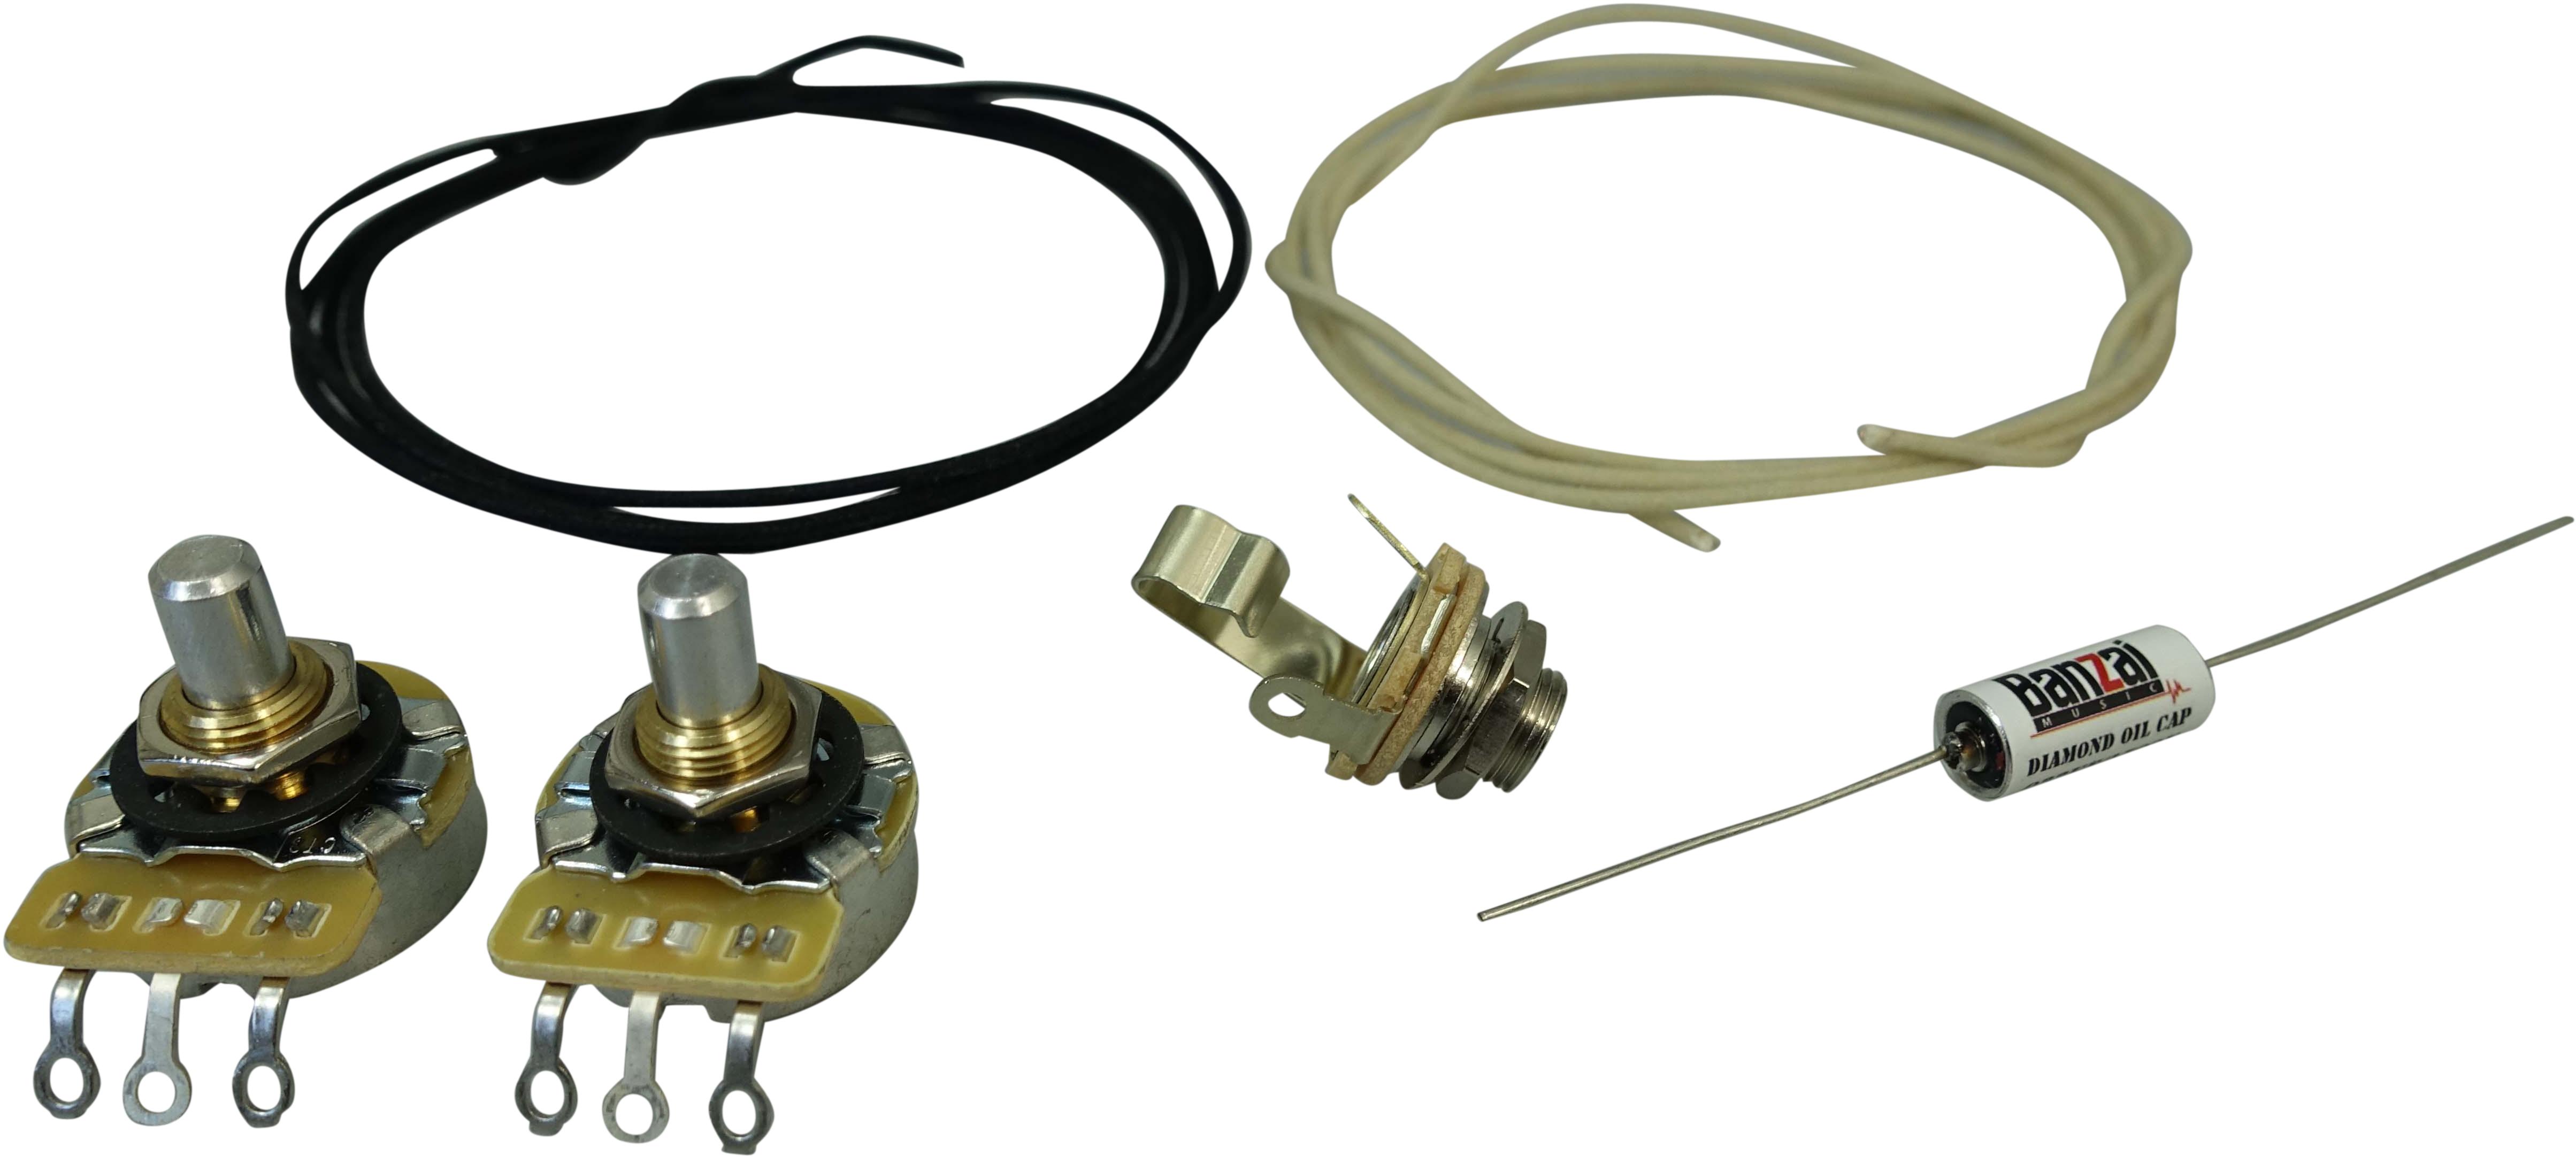 Wiring Kit Precision B Kit WK-PB :: Wiring Kits :: Guitar ... on